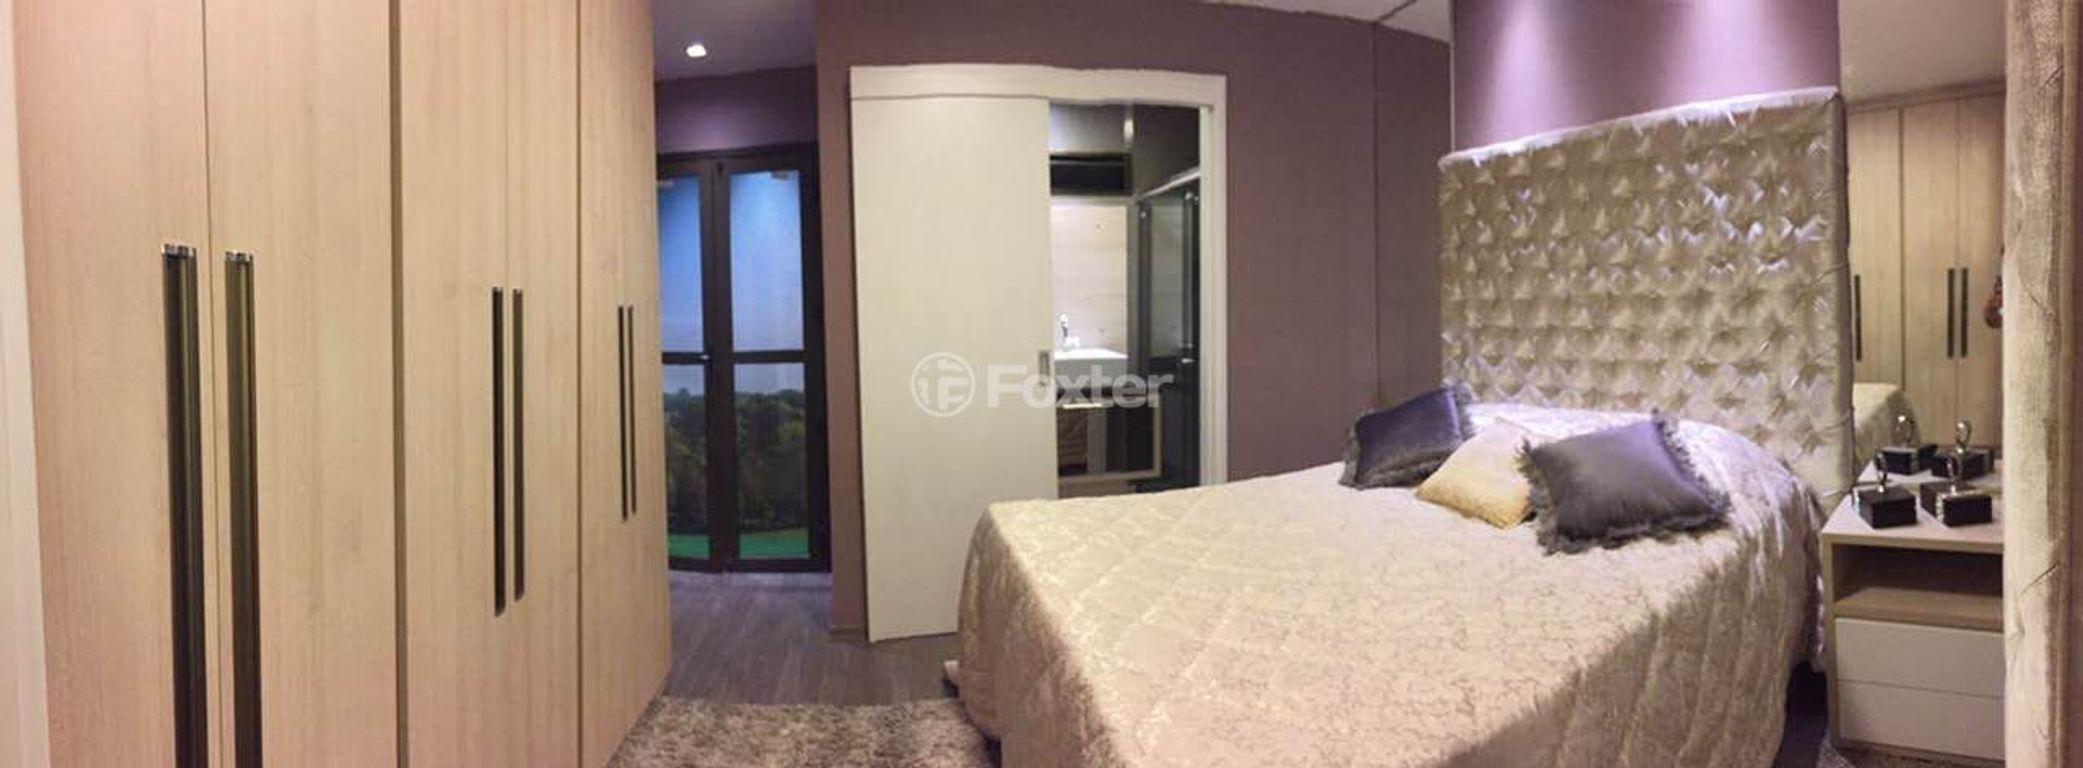 Foxter Imobiliária - Casa 3 Dorm, Cristal (123594) - Foto 15